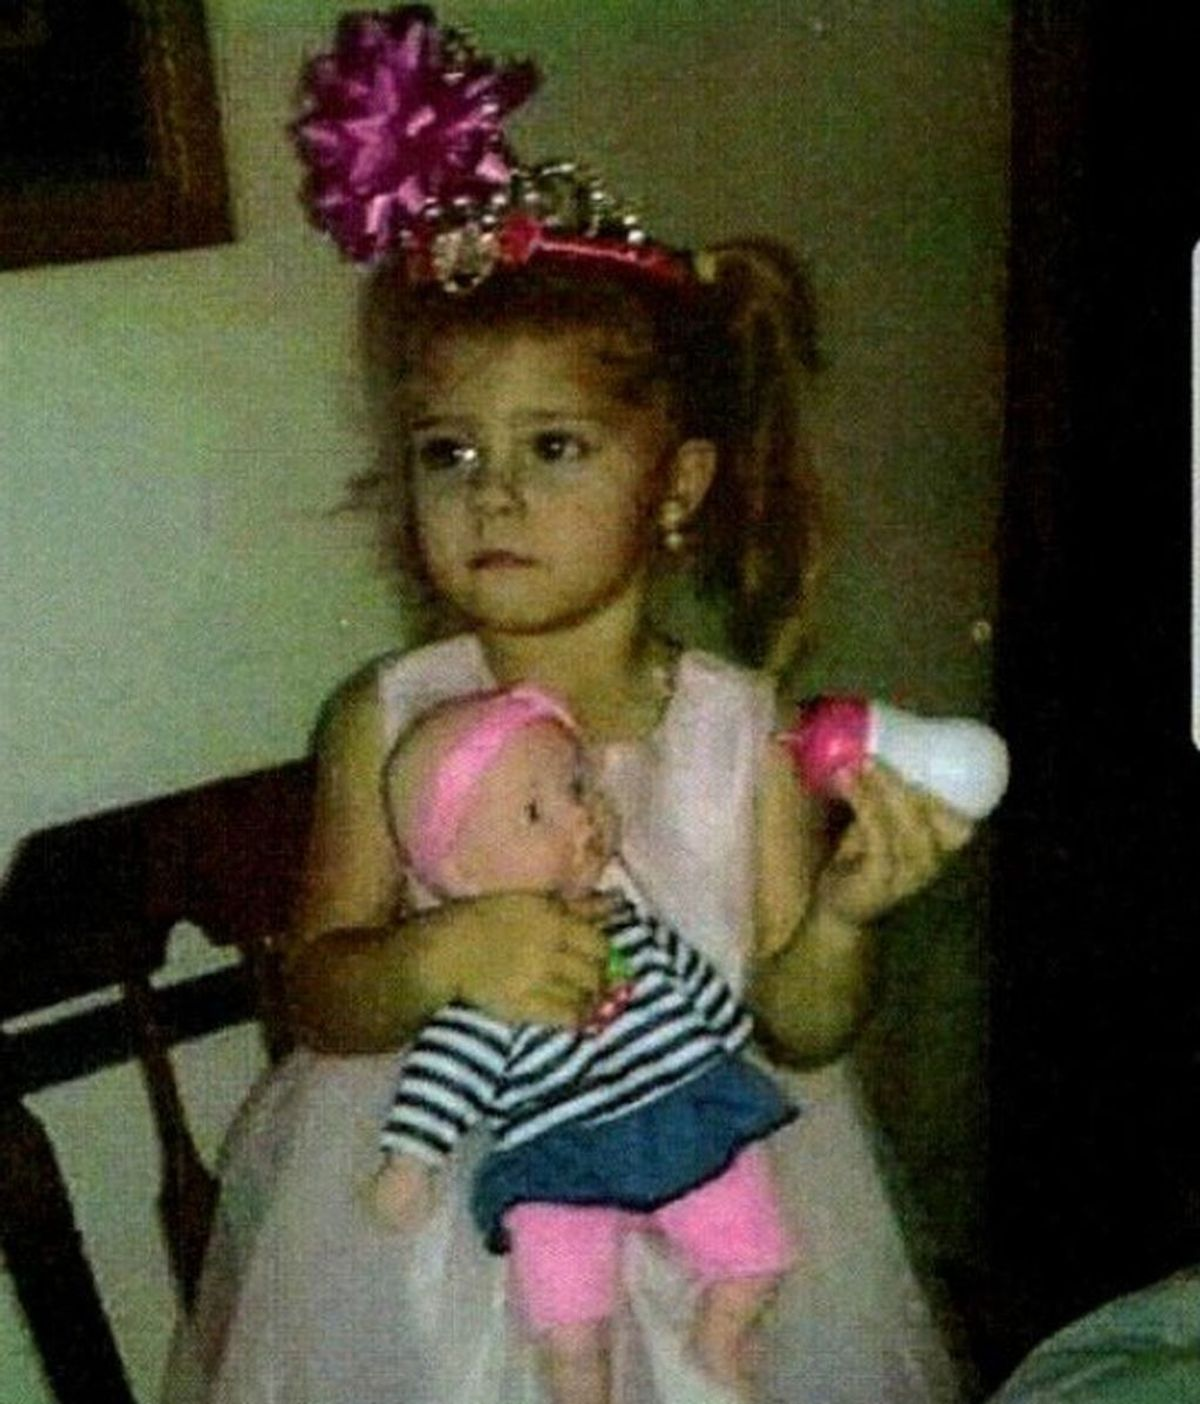 Una madre busca desesperadamente a su hija de 3 años que desapareció mientras dormía